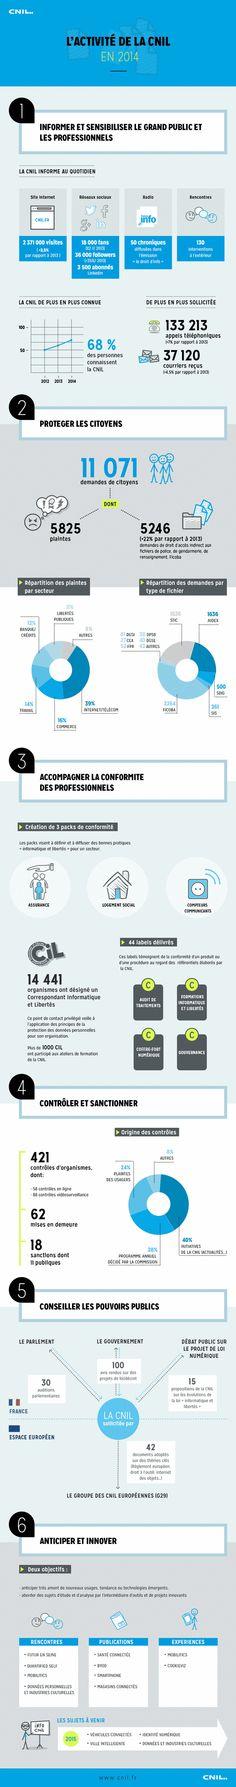 CNIL Rapport d'activité 2014